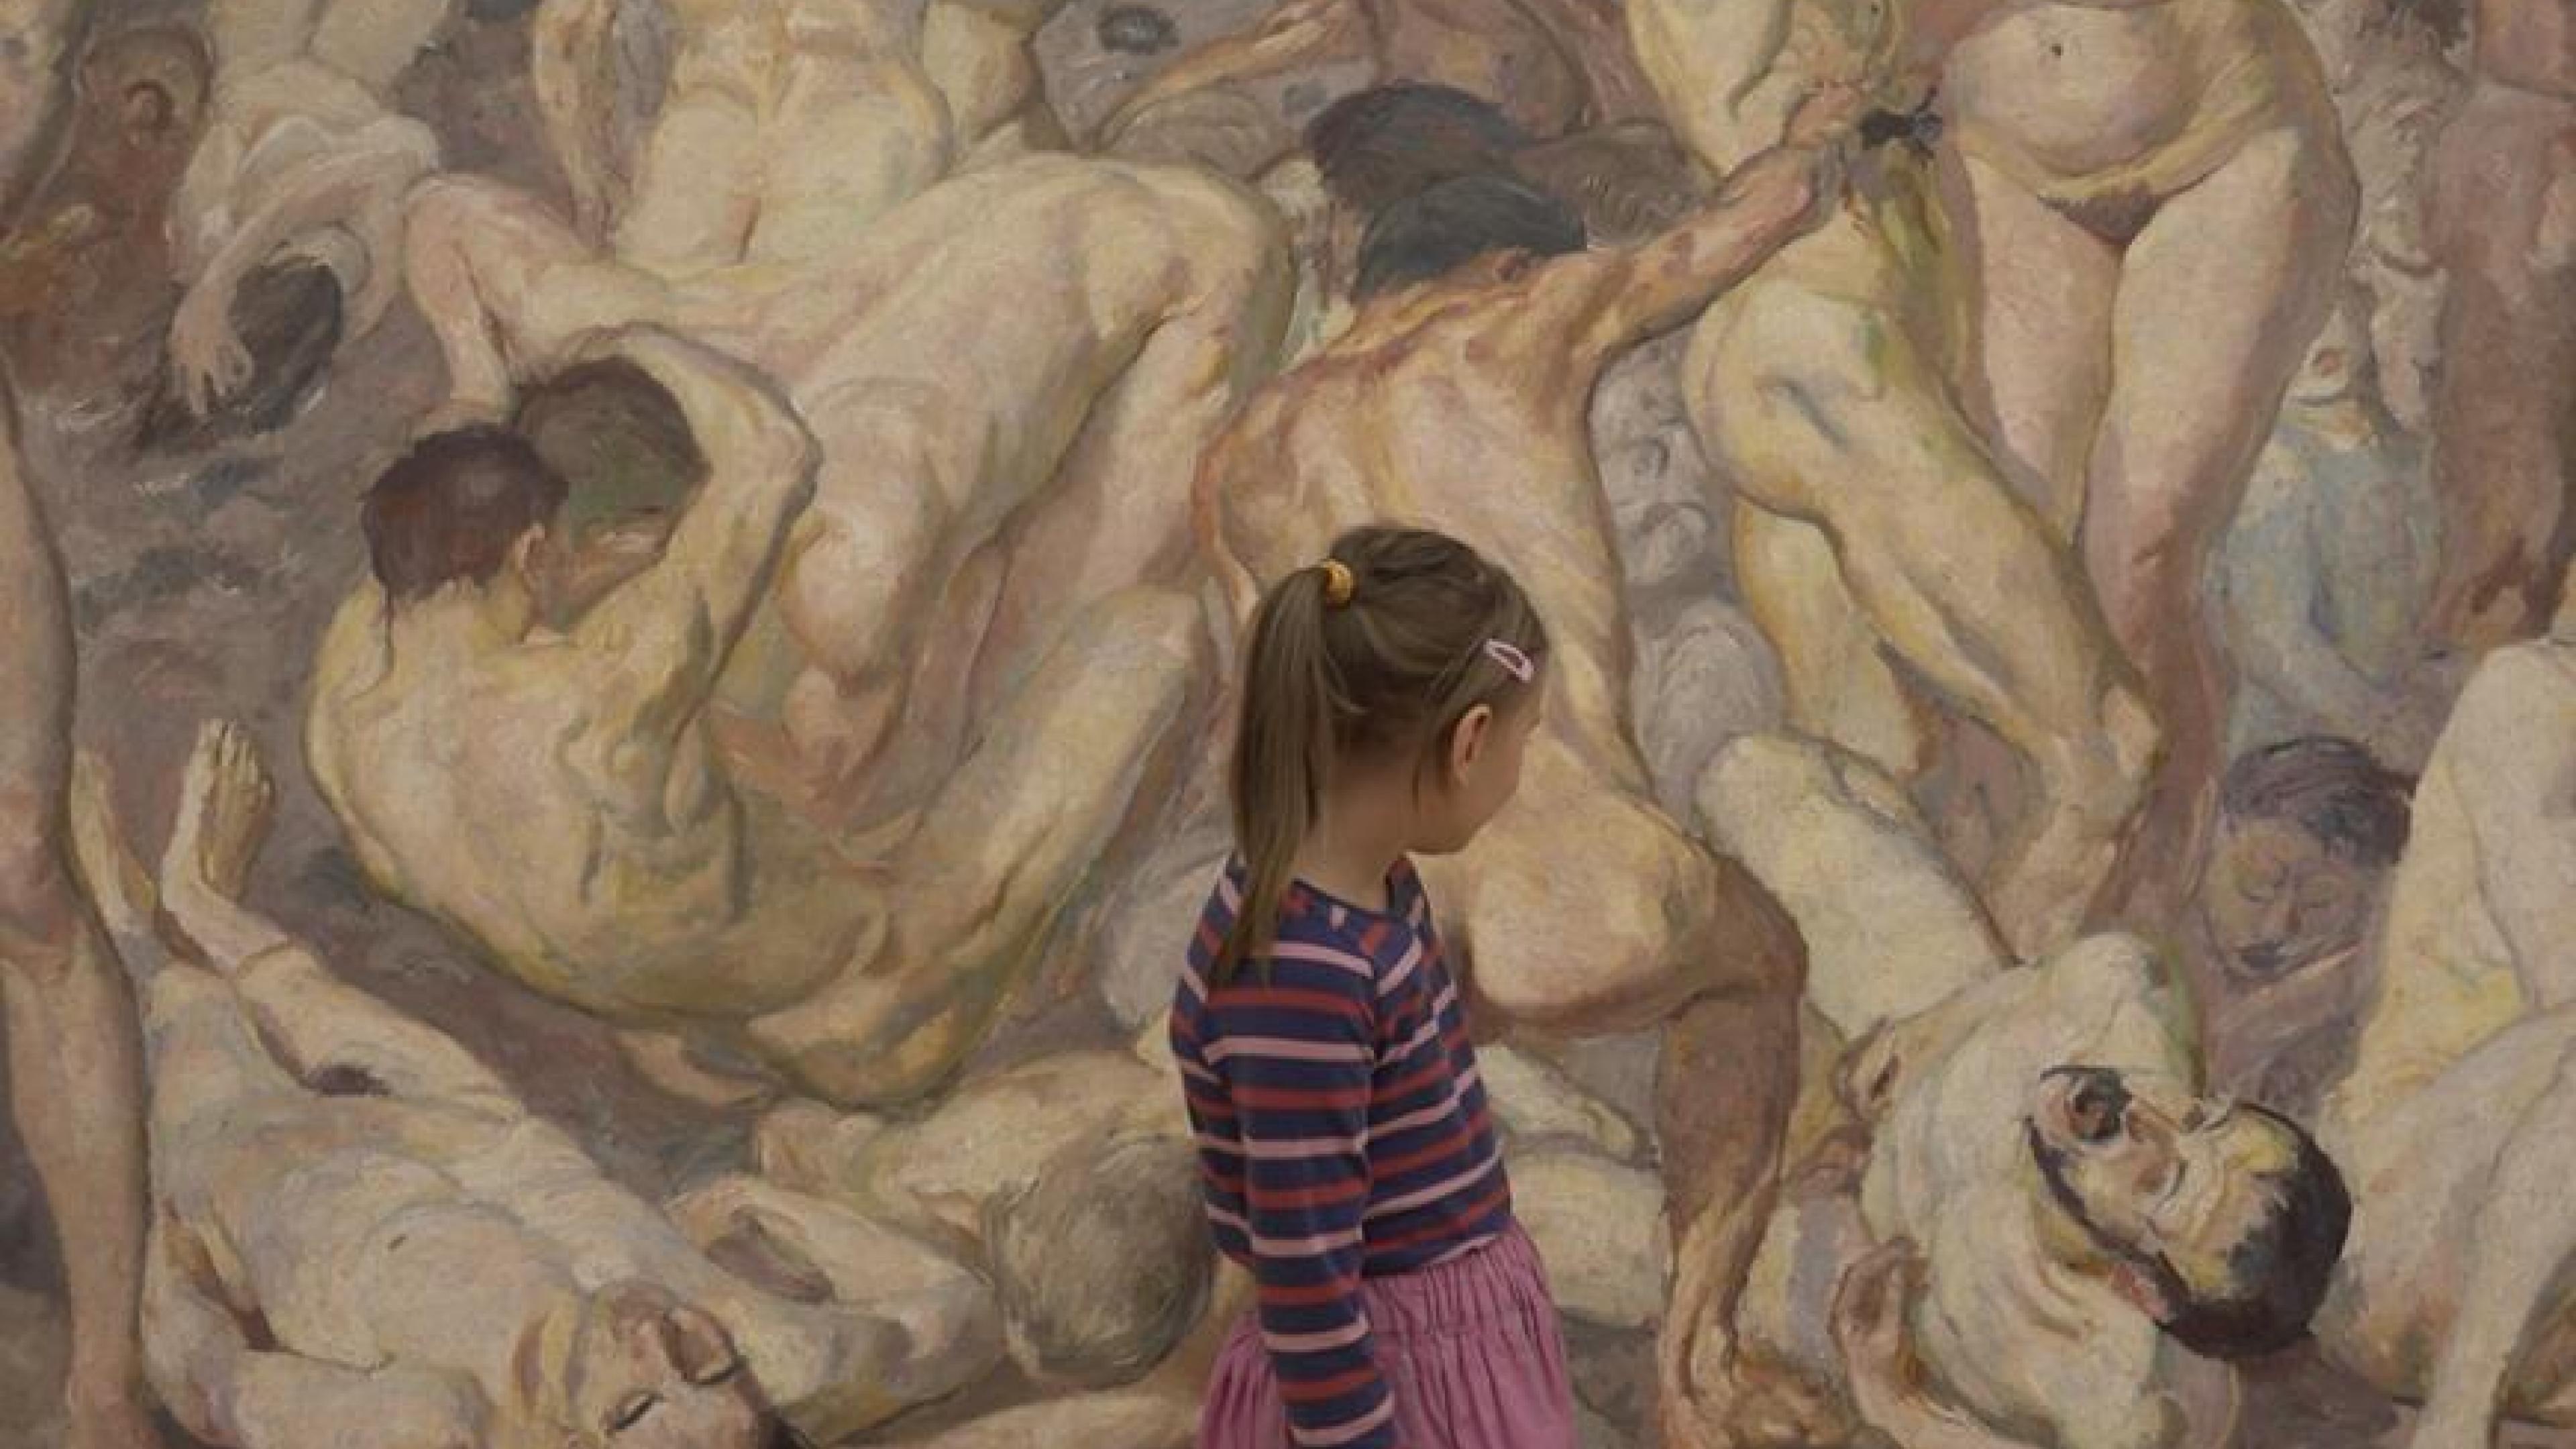 Ein junges Mädchen in geringeltem Pulli und Rock steht vor einem riesigen Gemälde, das viele nackte, verschlungene Menschen zeigt